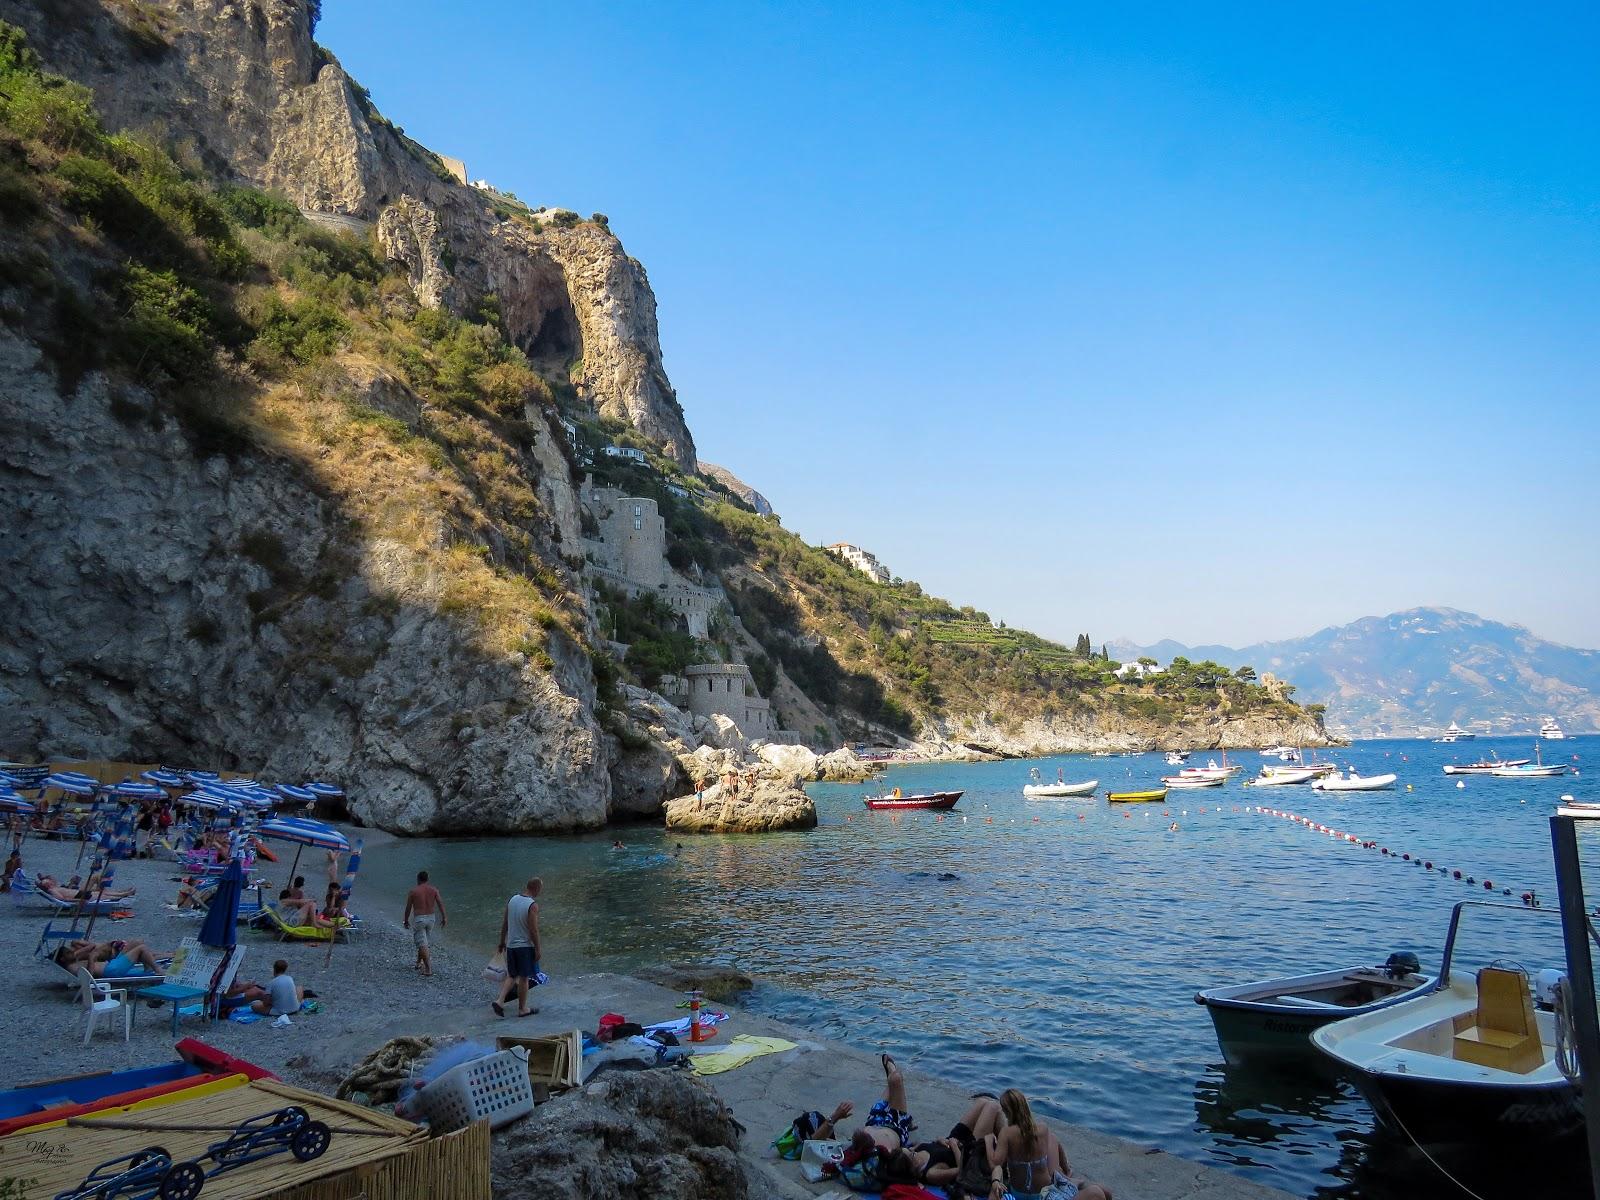 Case vacanze a Conca dei Marini (Salerno)